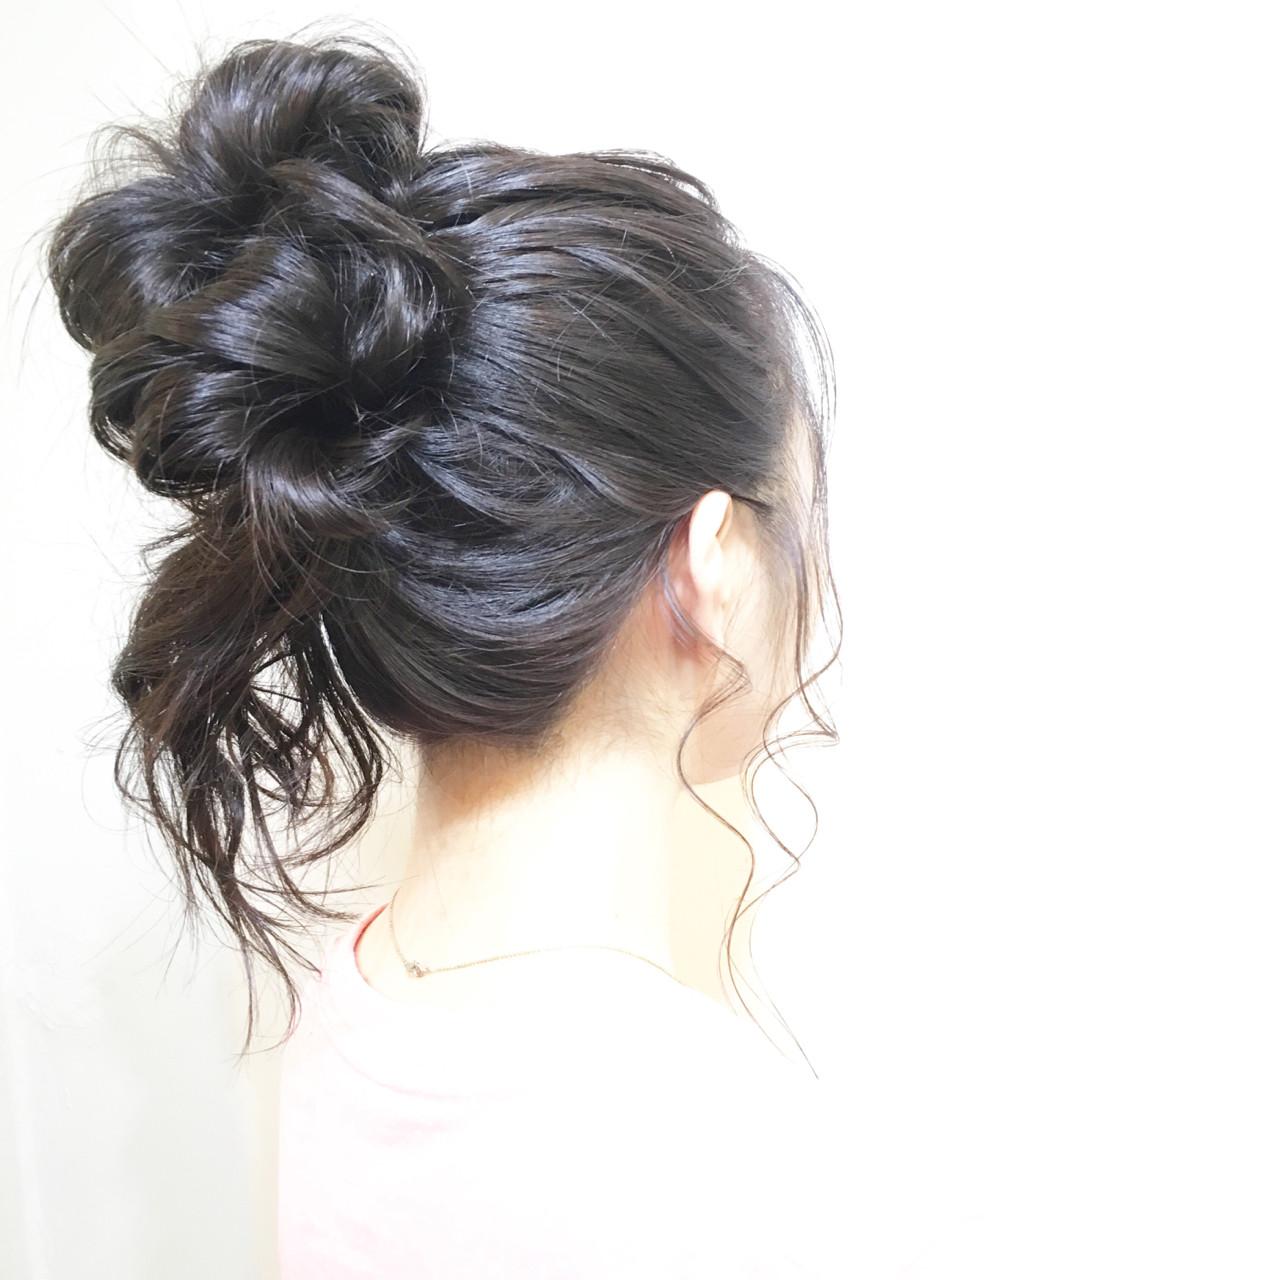 ショート 編み込み ミディアム ヘアアレンジ ヘアスタイルや髪型の写真・画像